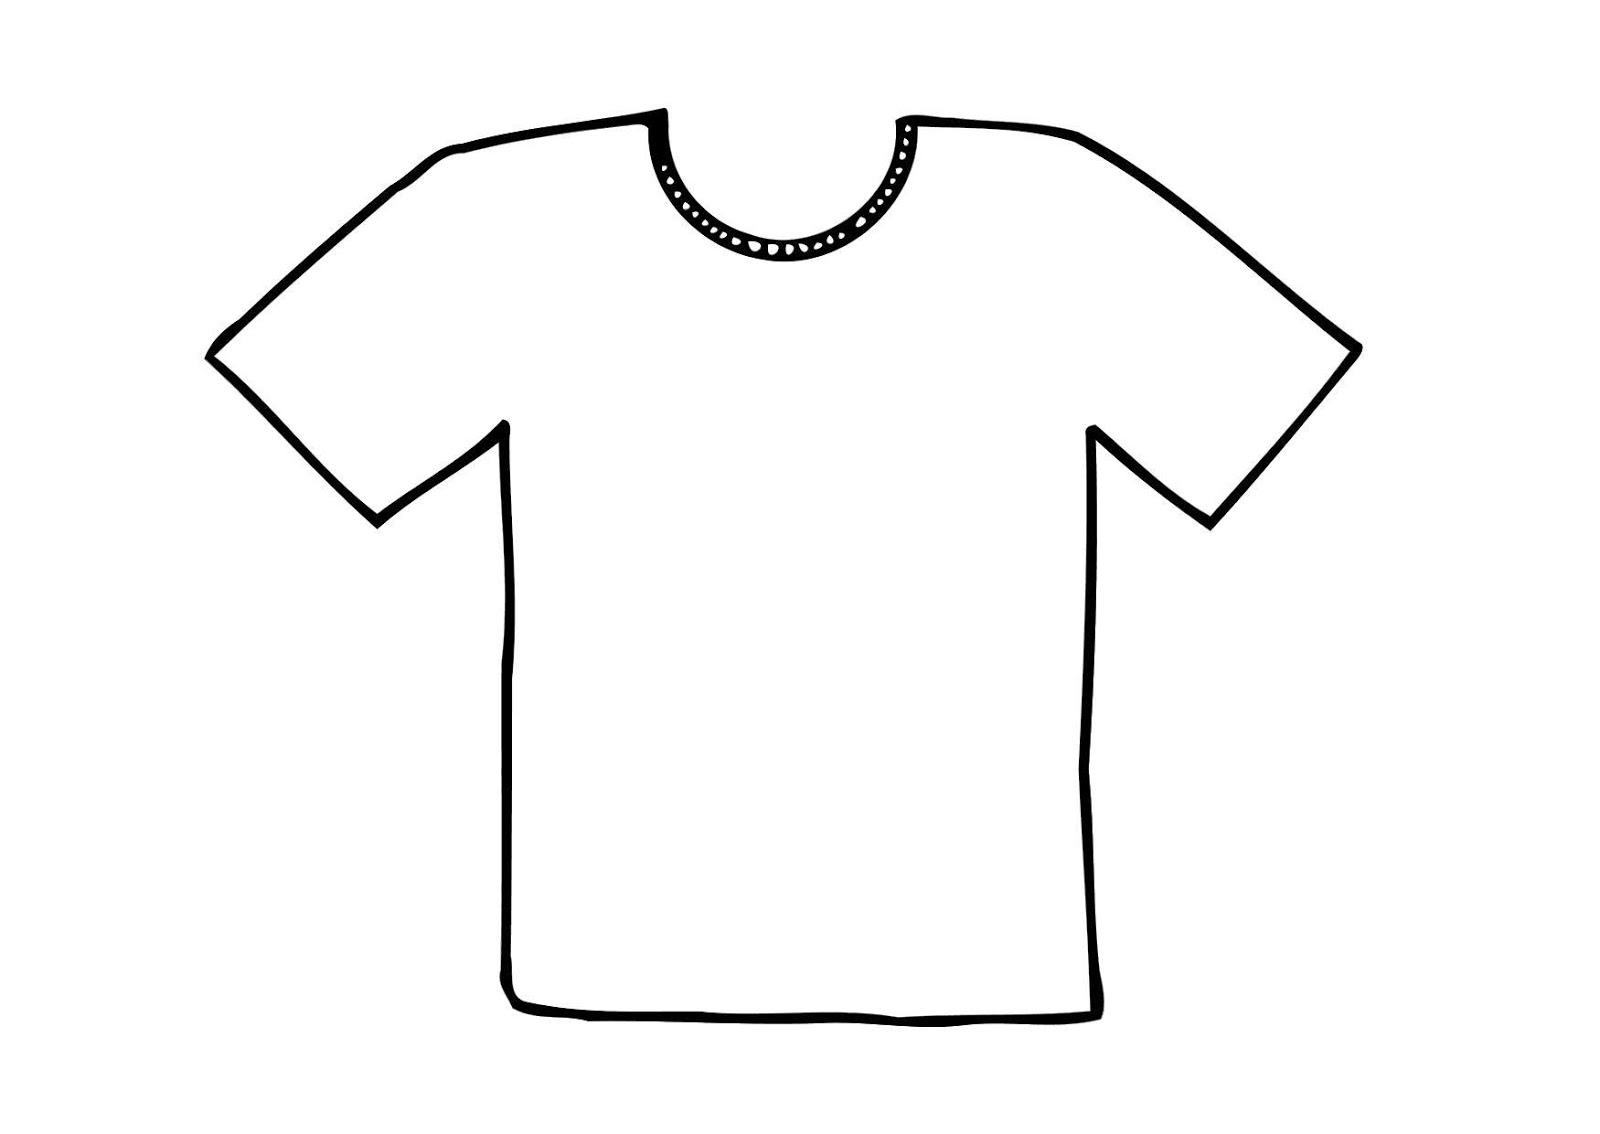 Único Camiseta Lisa Para Colorear Patrón - Enmarcado Para Colorear ...